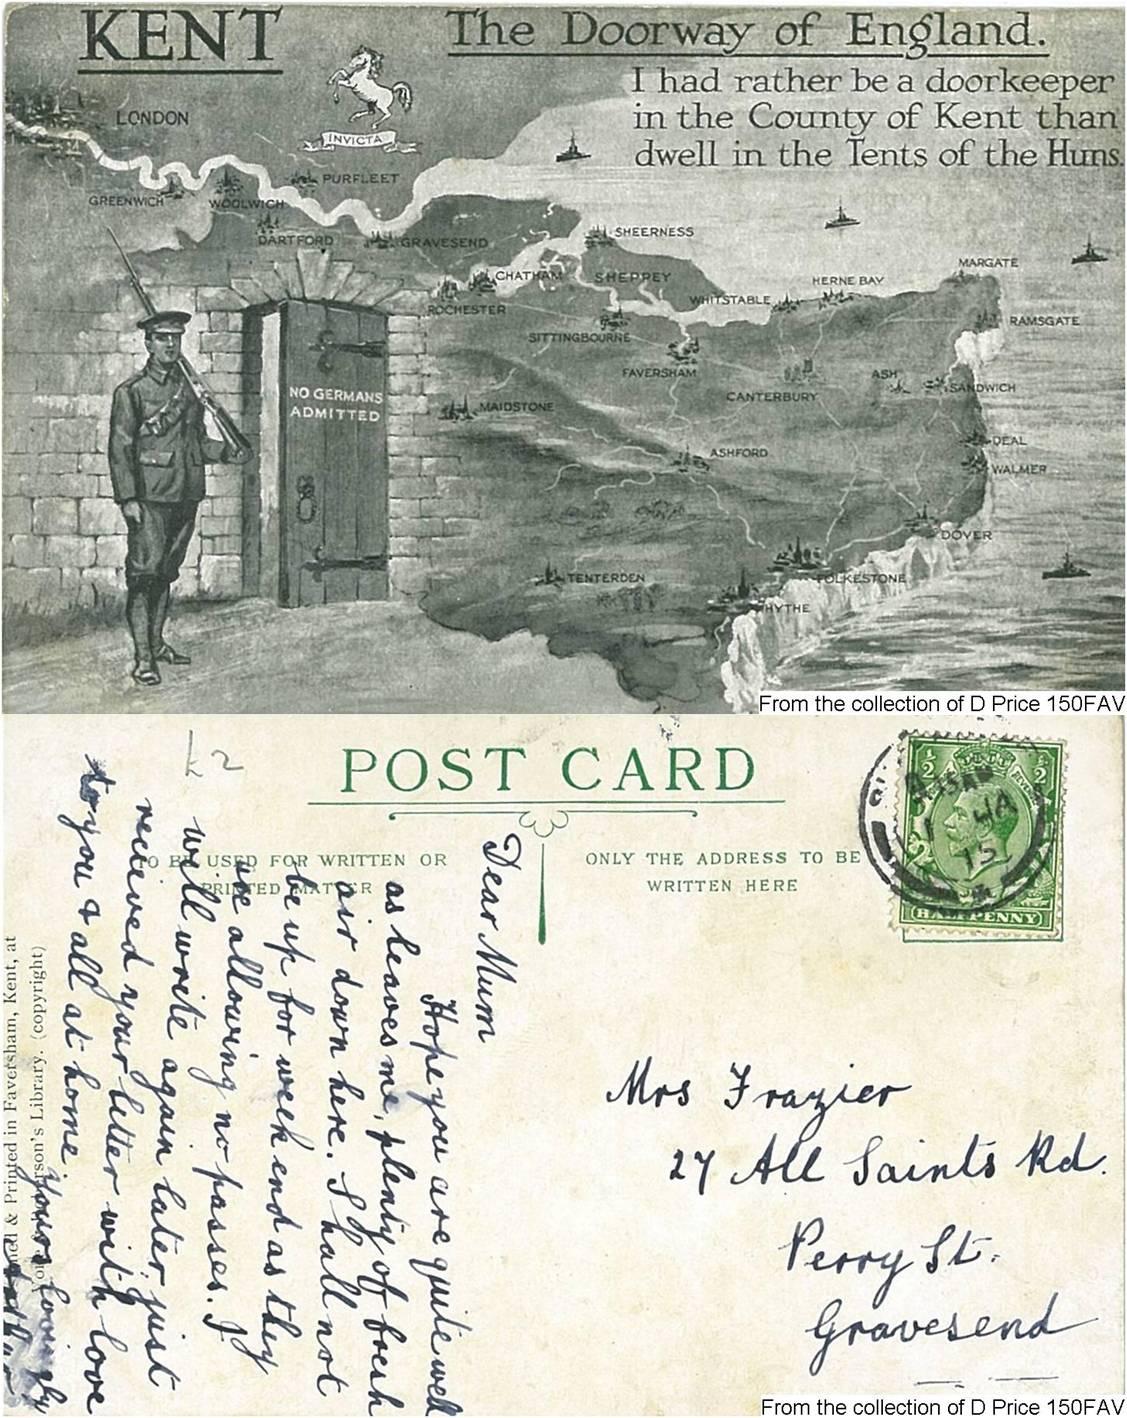 150FAV - The Doorway Of Kent (Postcard) (Front & Back)